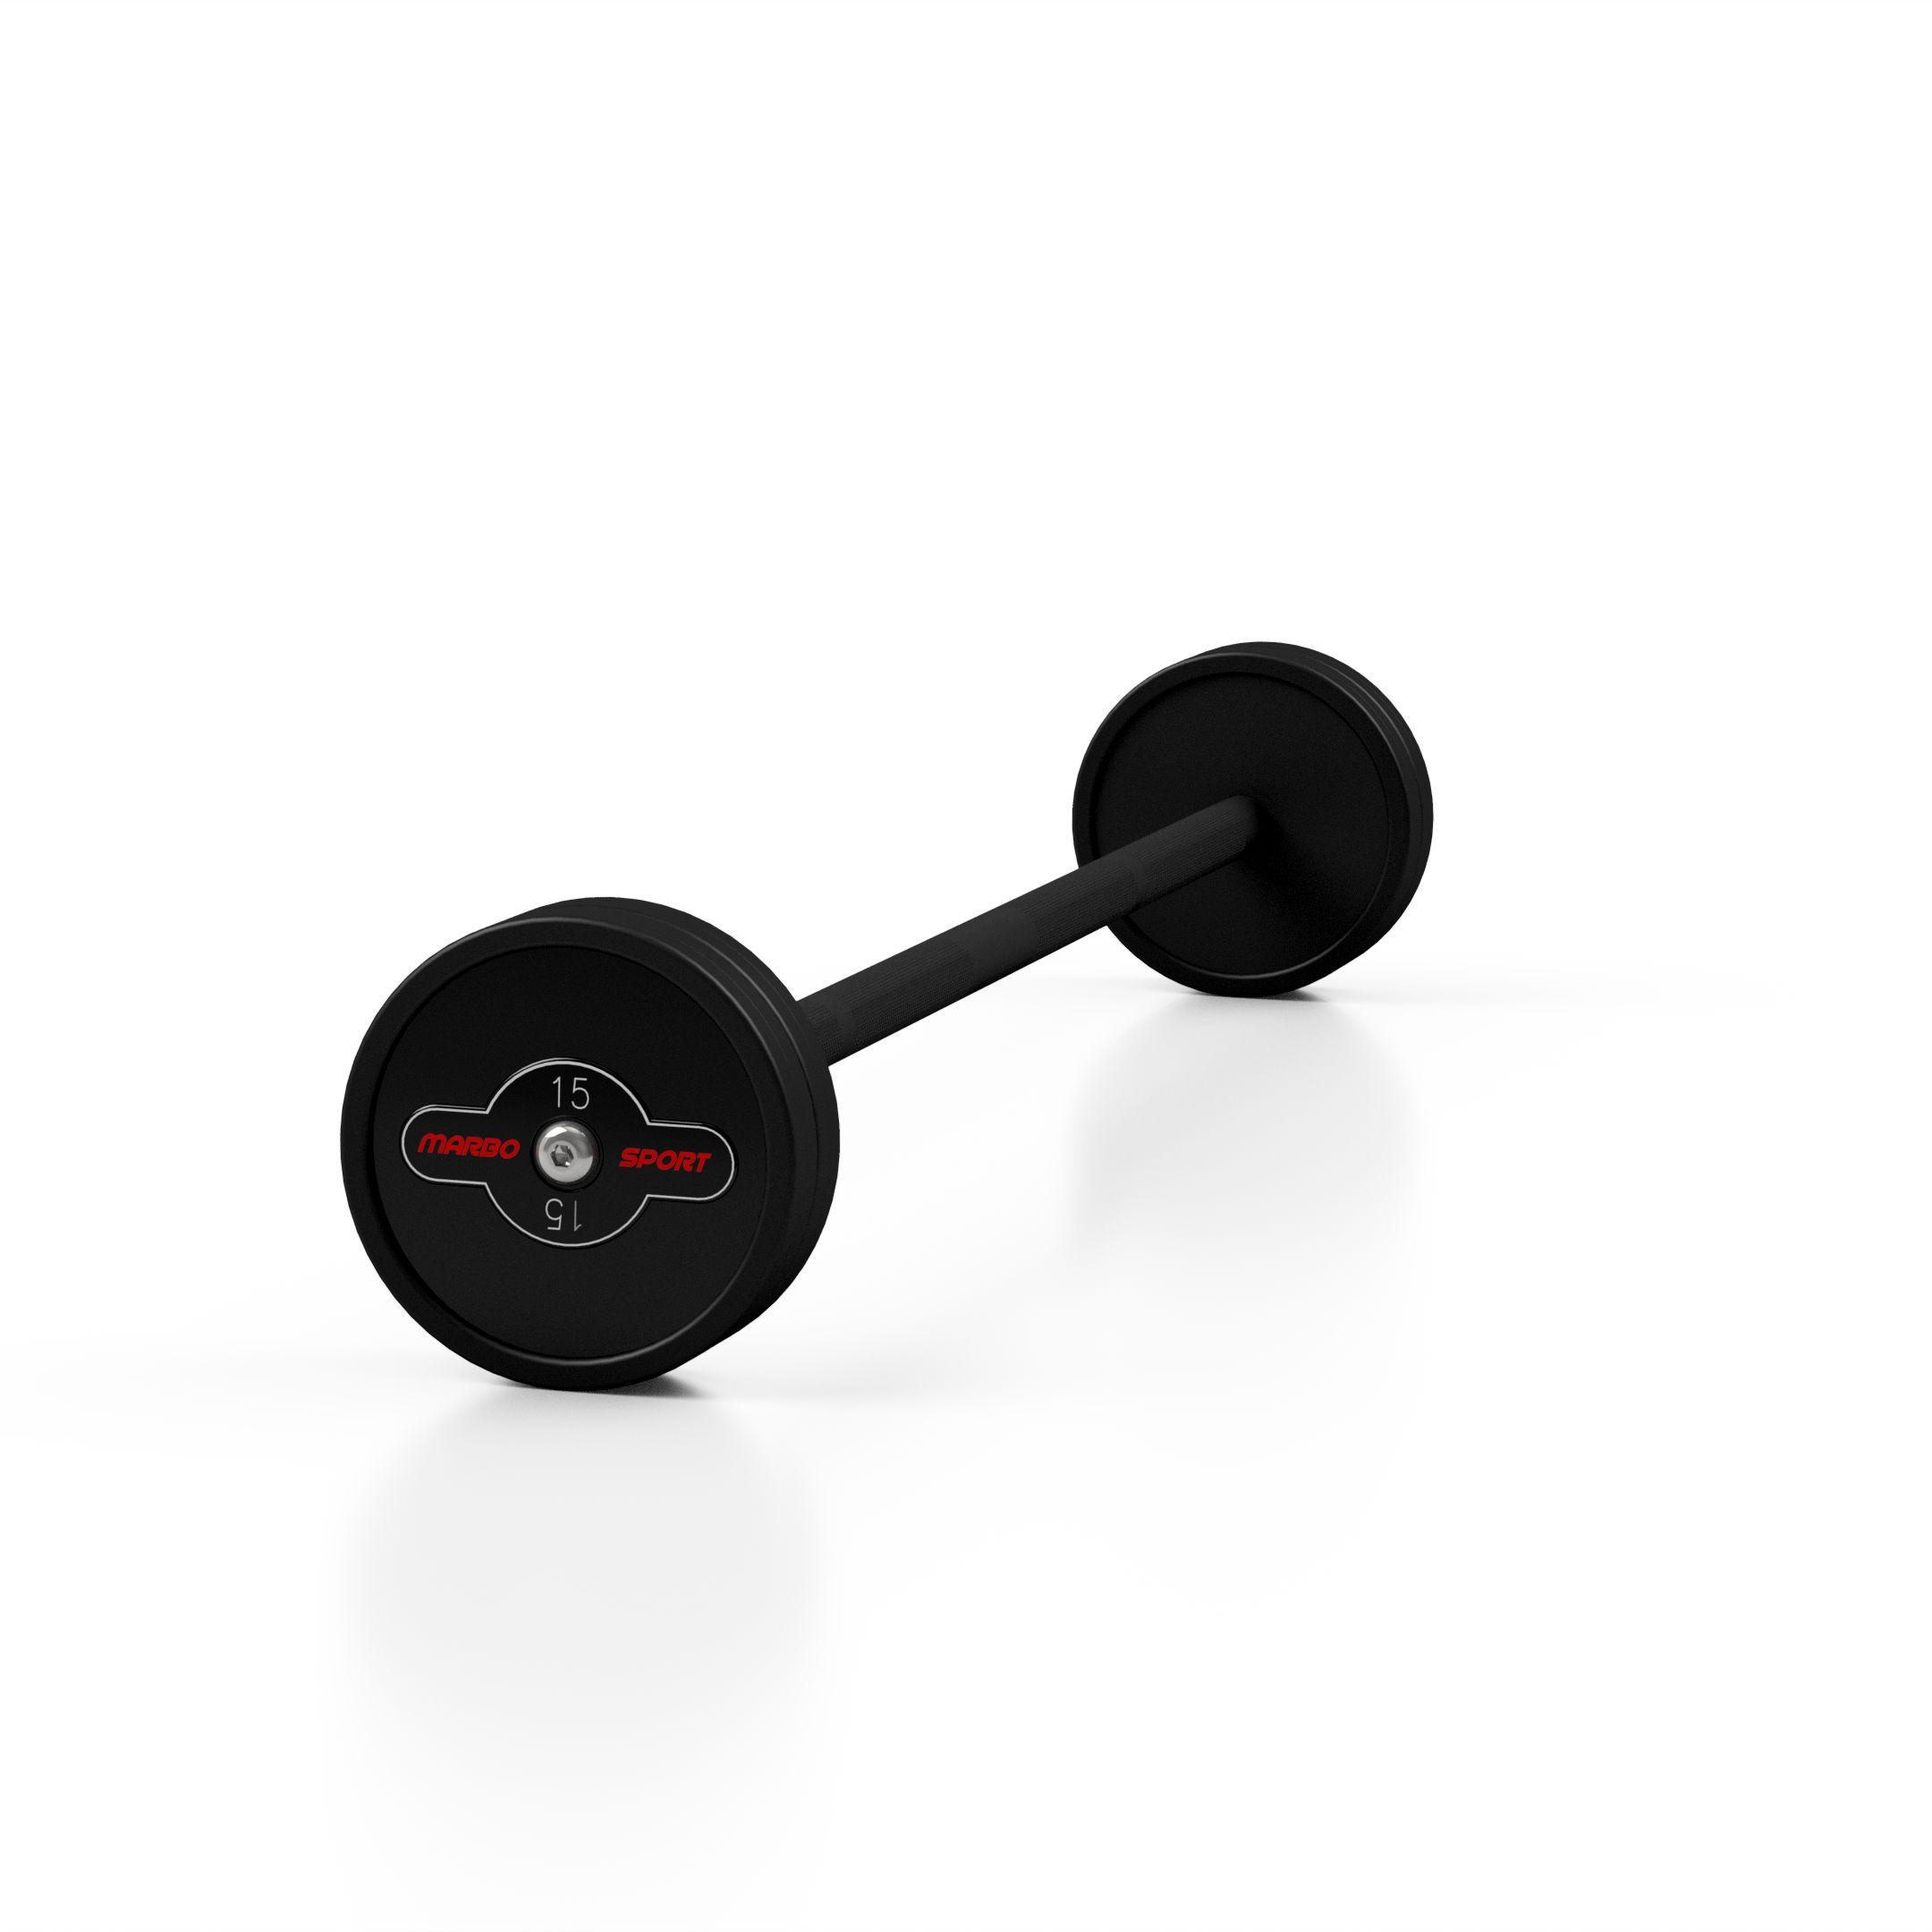 Sztanga gumowana prosta 15 kg czarny mat - Marbo Sport - 15 kg